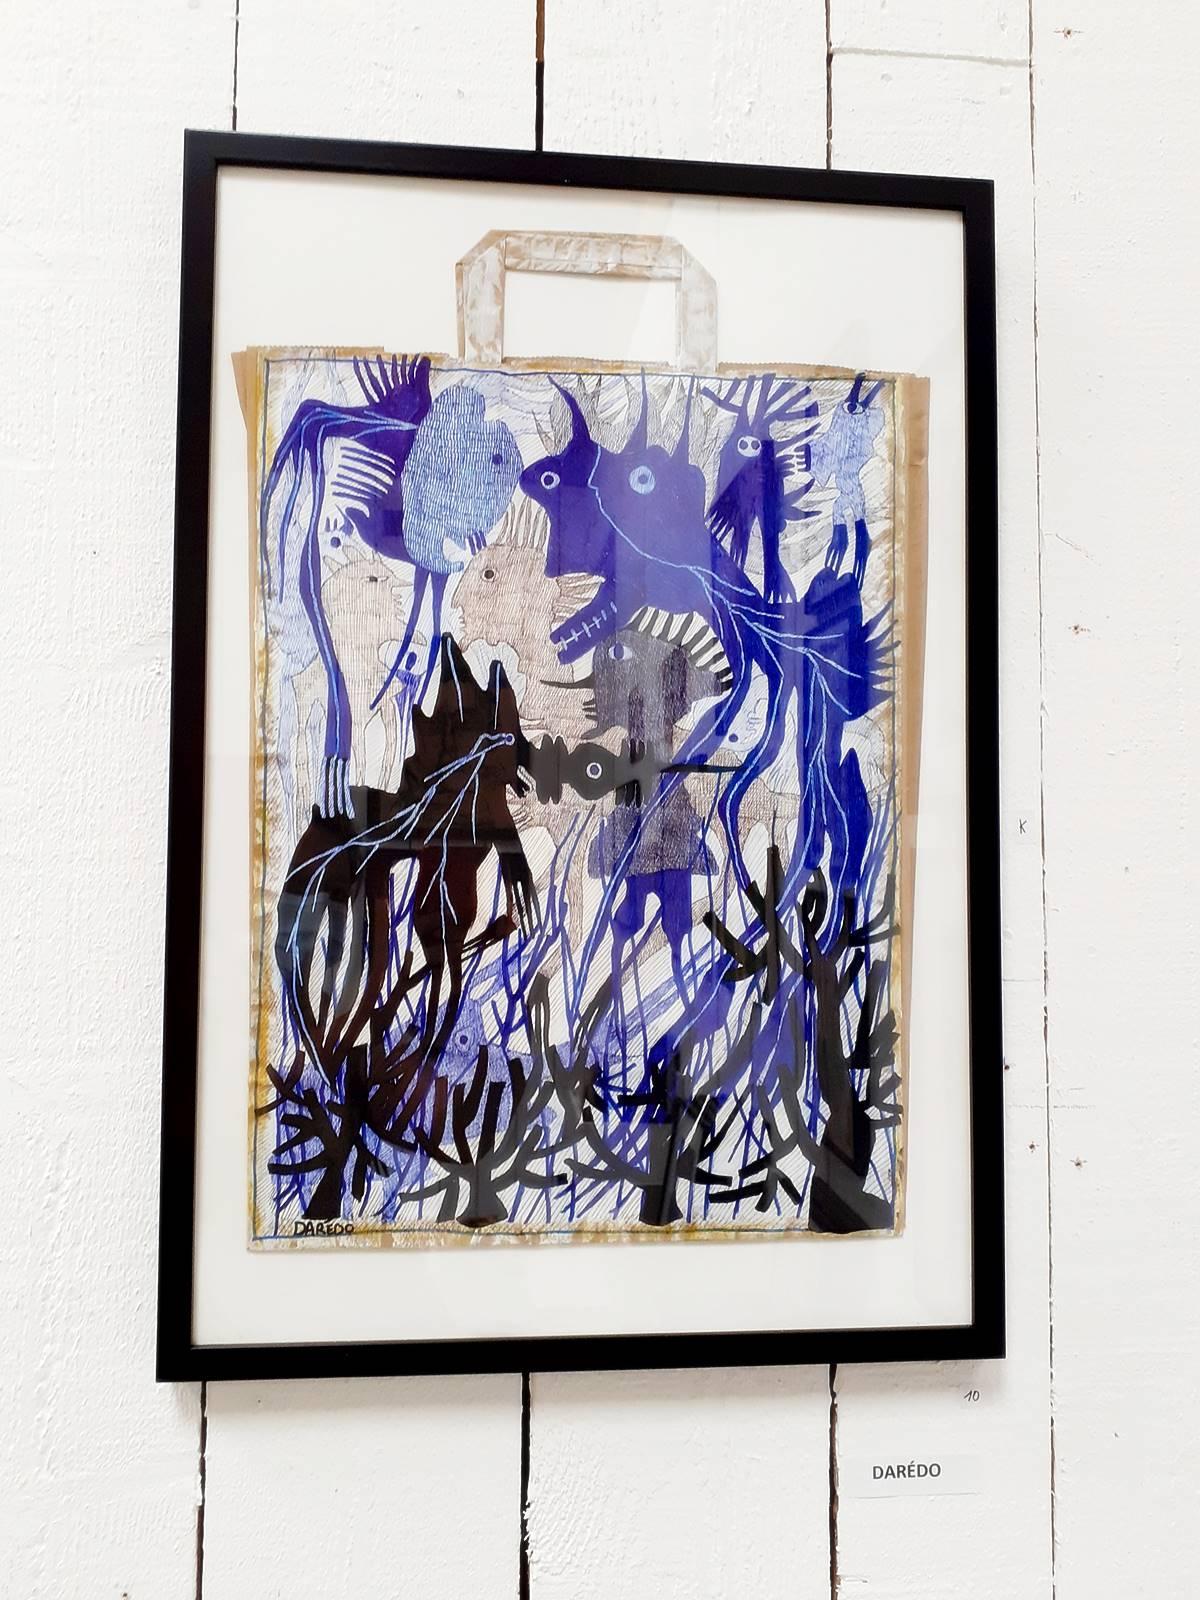 Hang art saffre loire atlantique musee20200613 122245